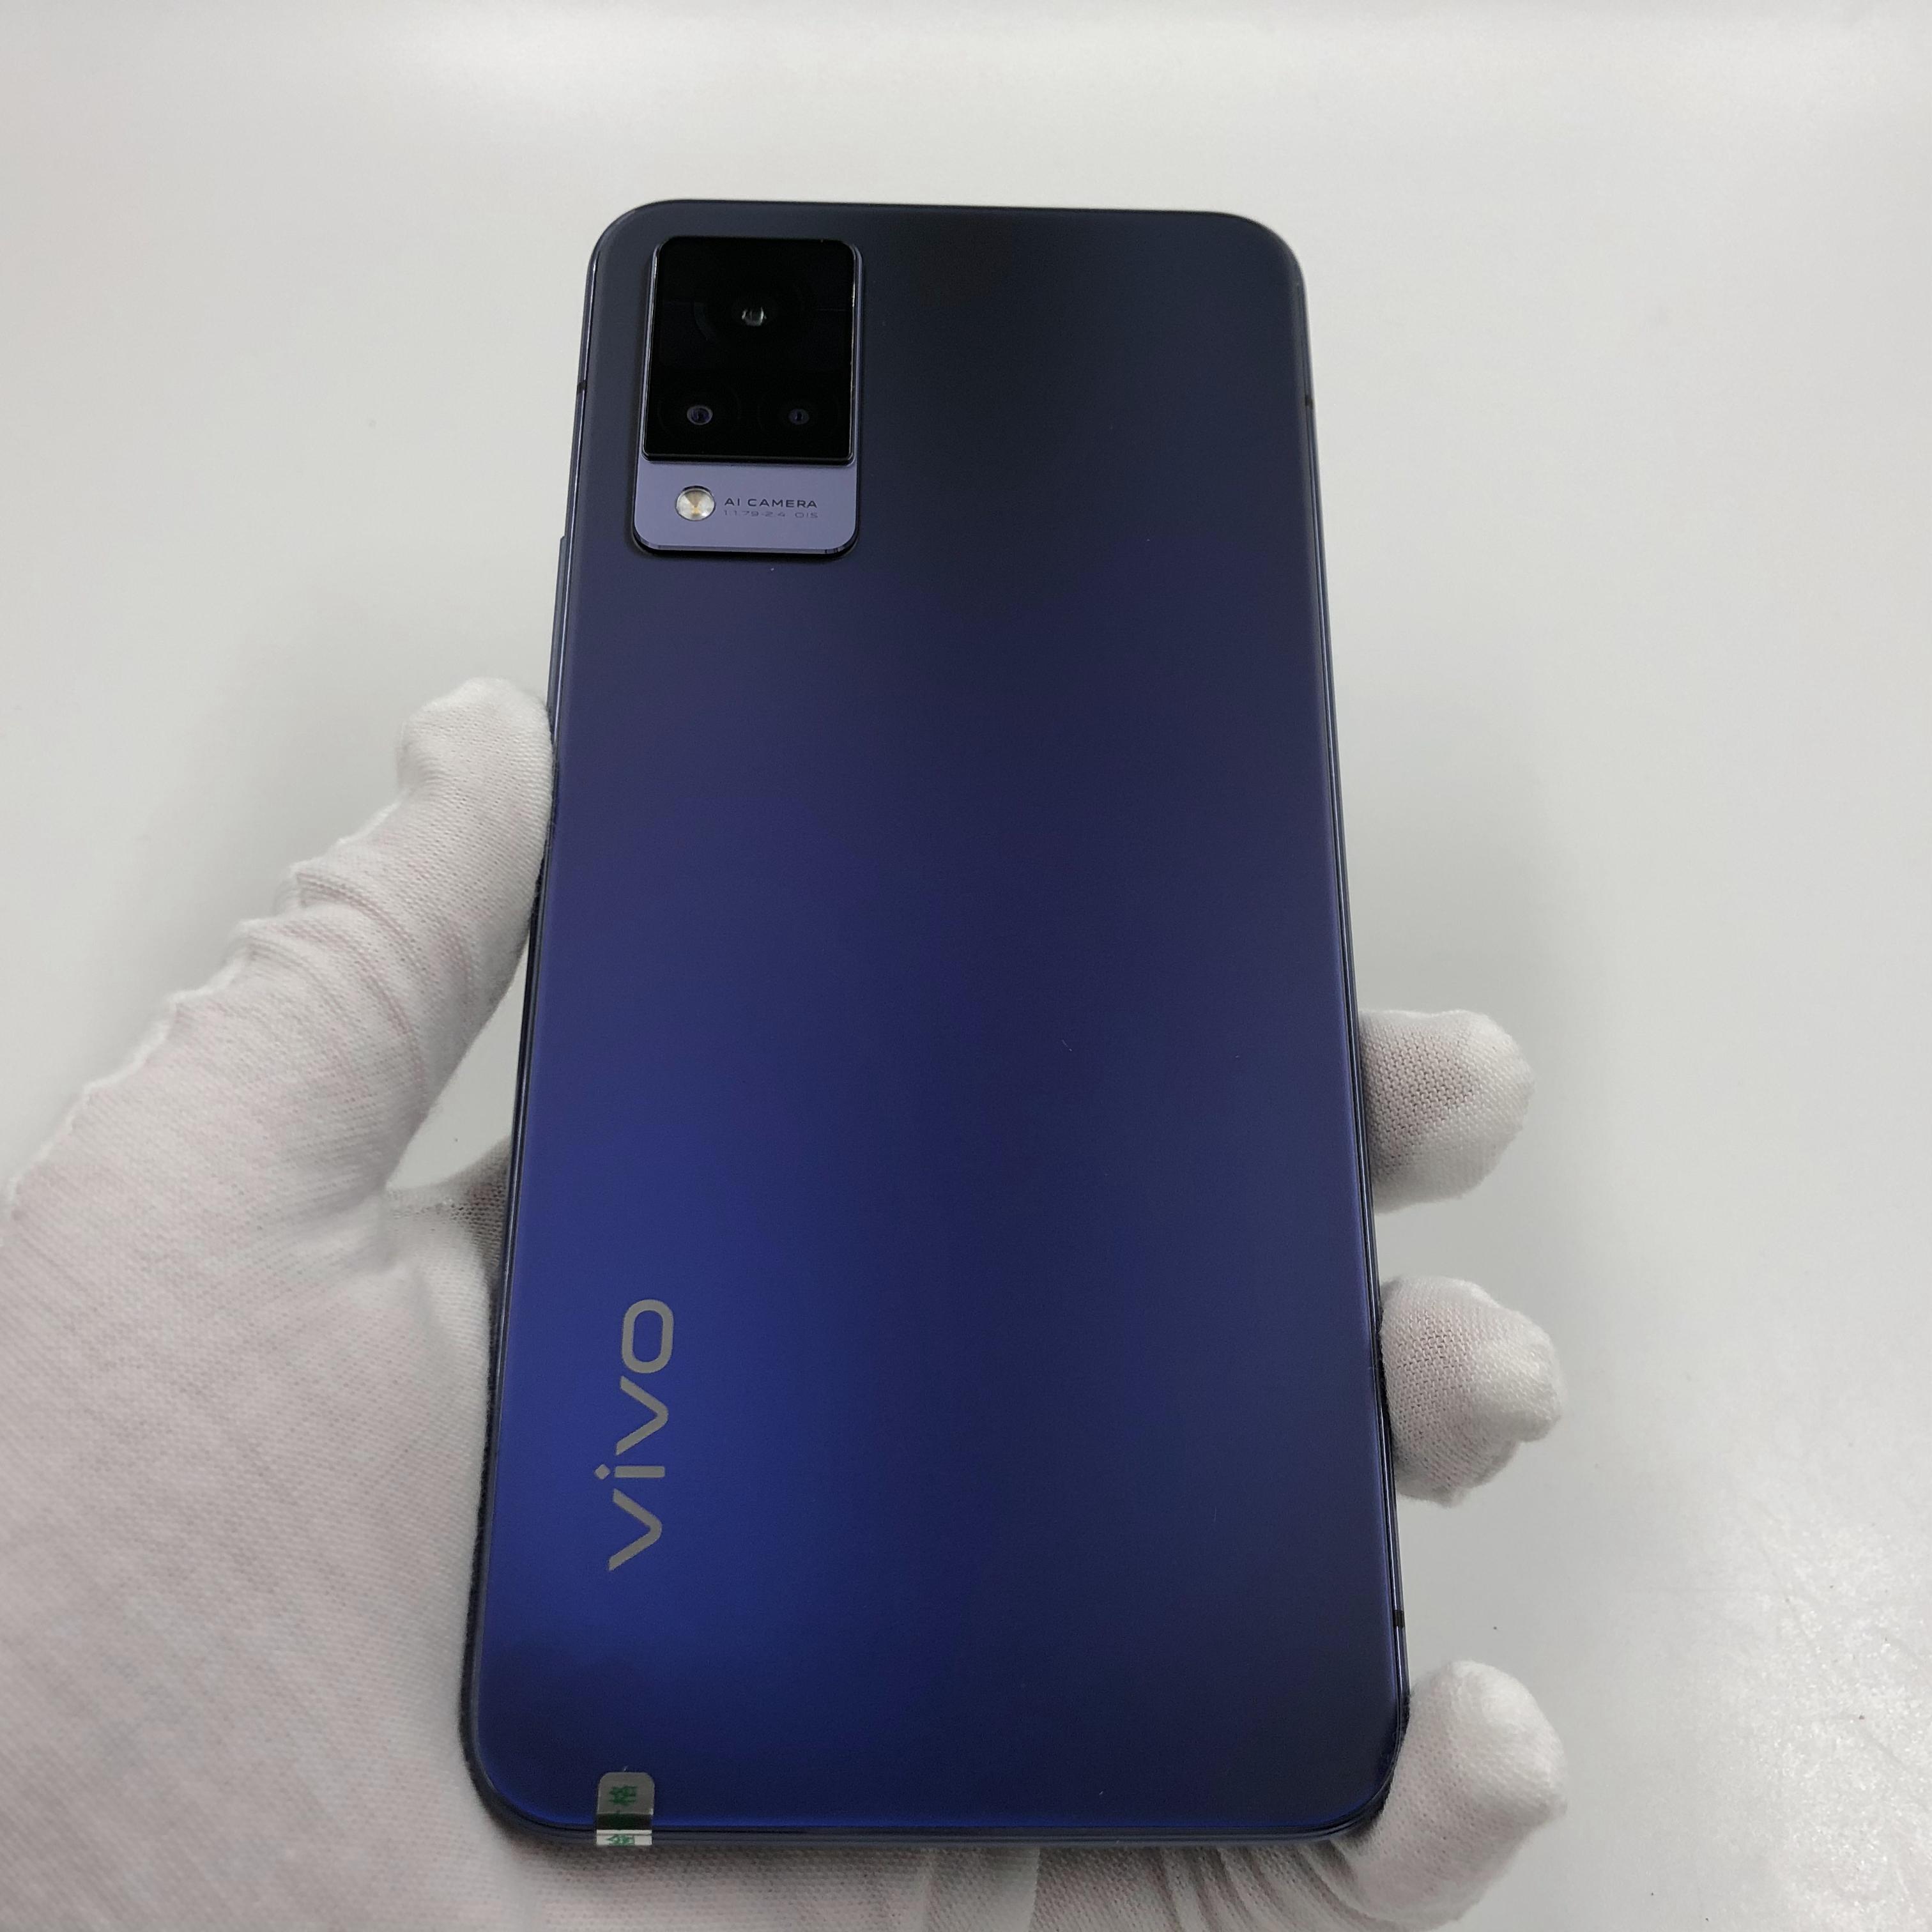 vivo【S9 5G】5G全网通 子夜蓝 12G/256G 国行 9成新 真机实拍